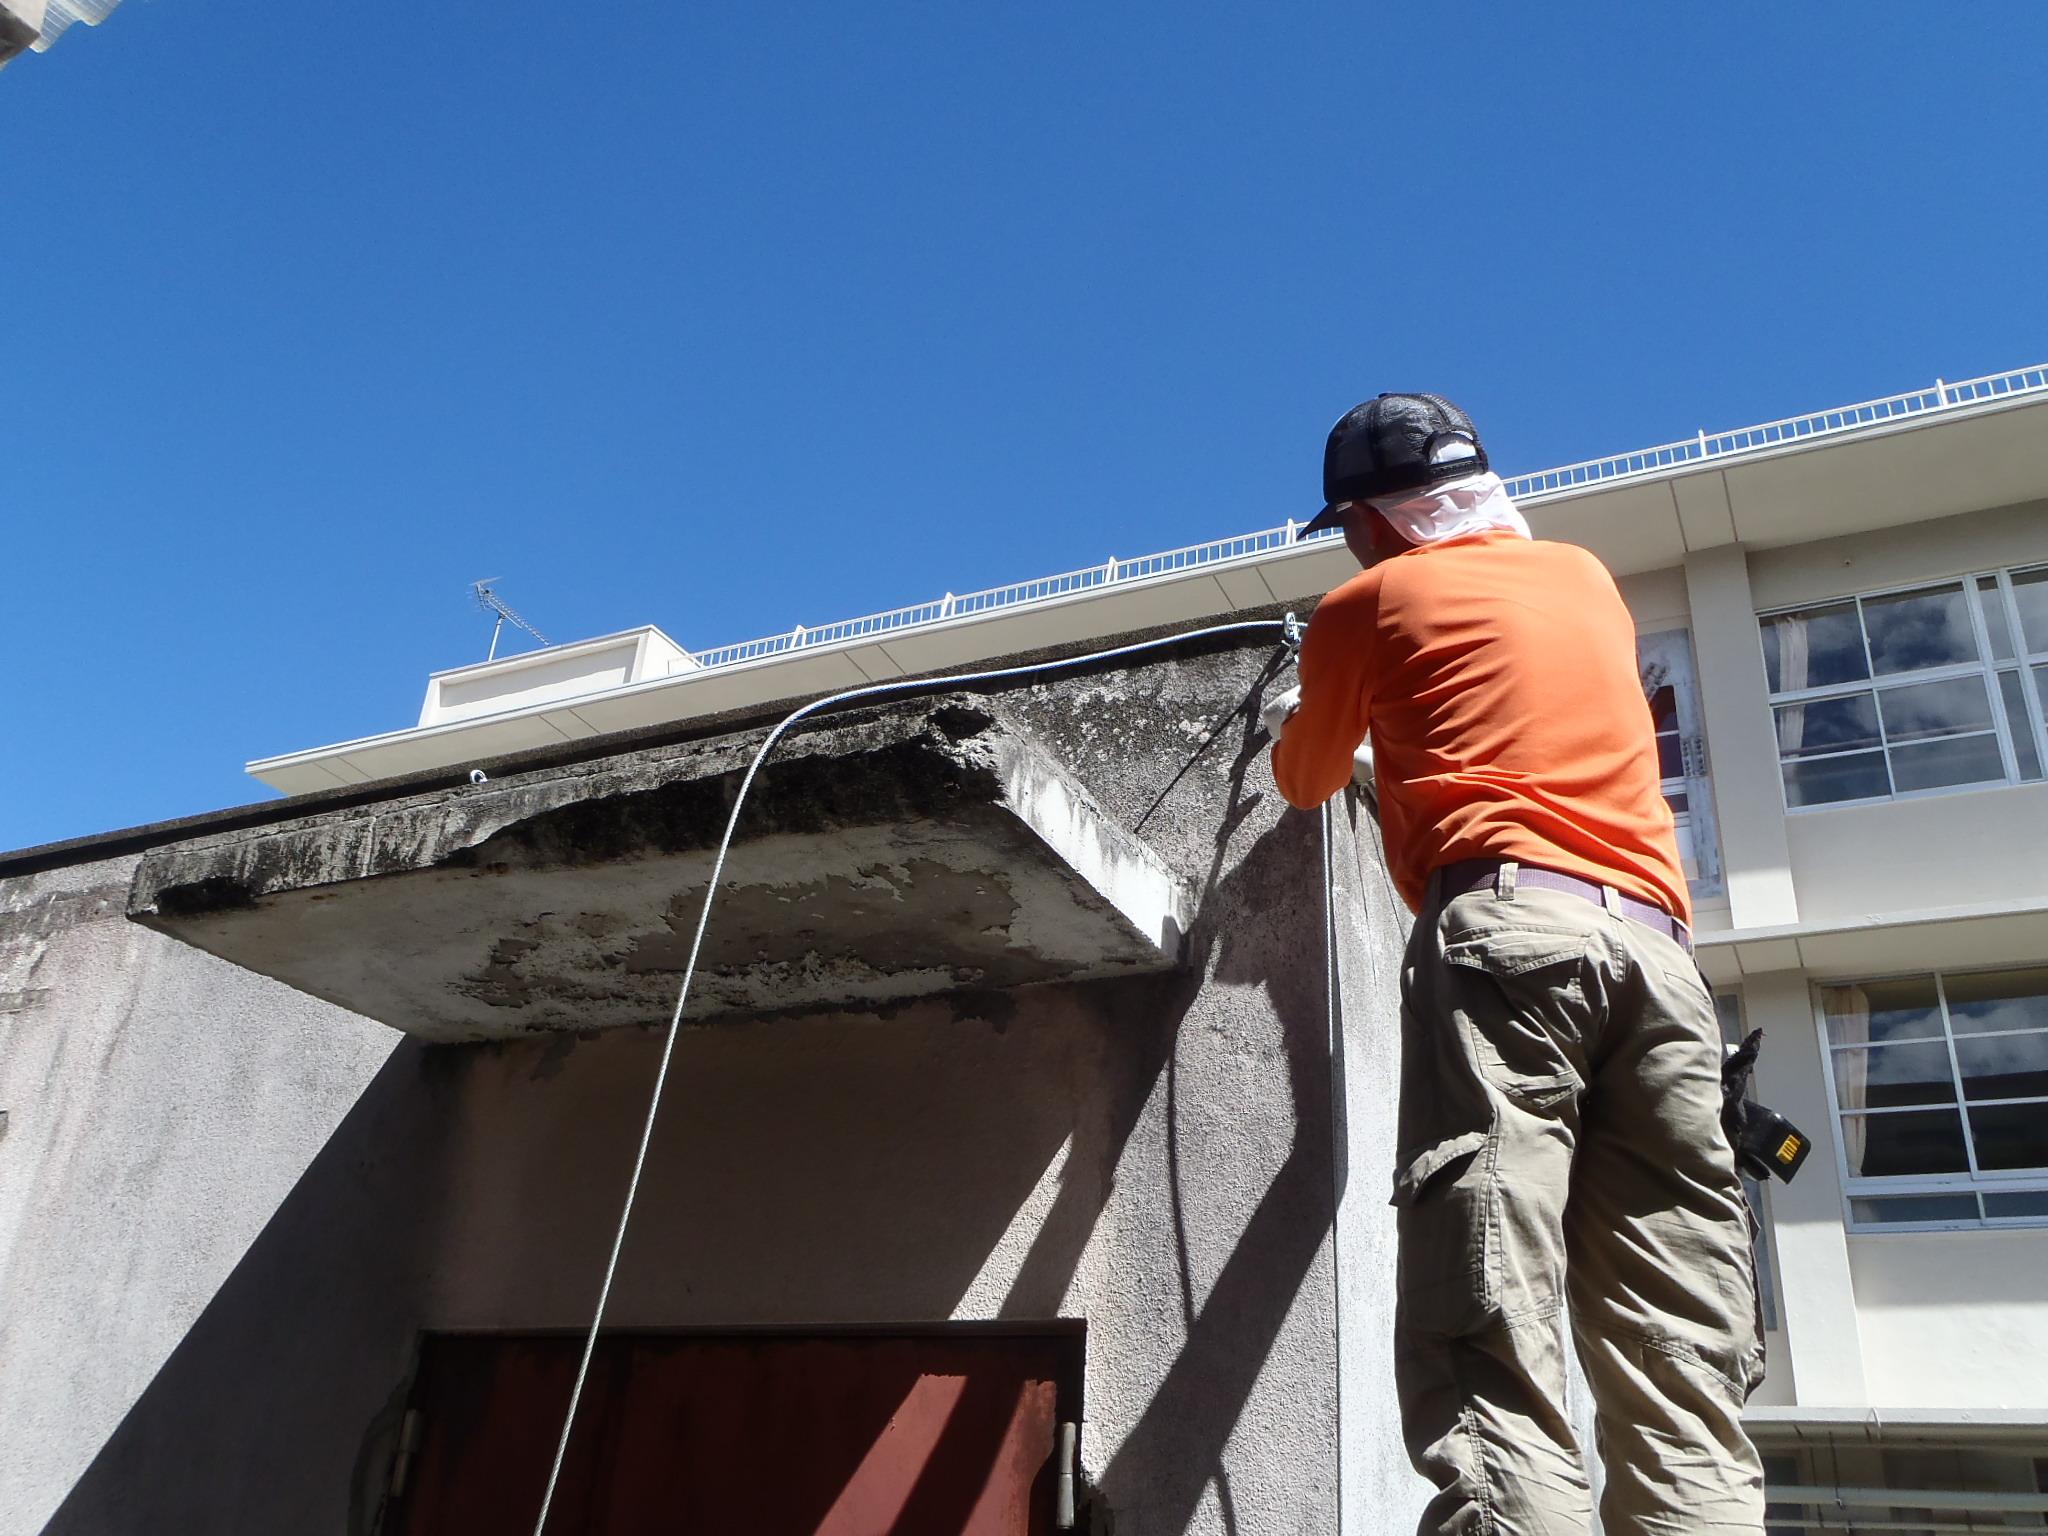 外壁剥落防止ネット設置工事 image4